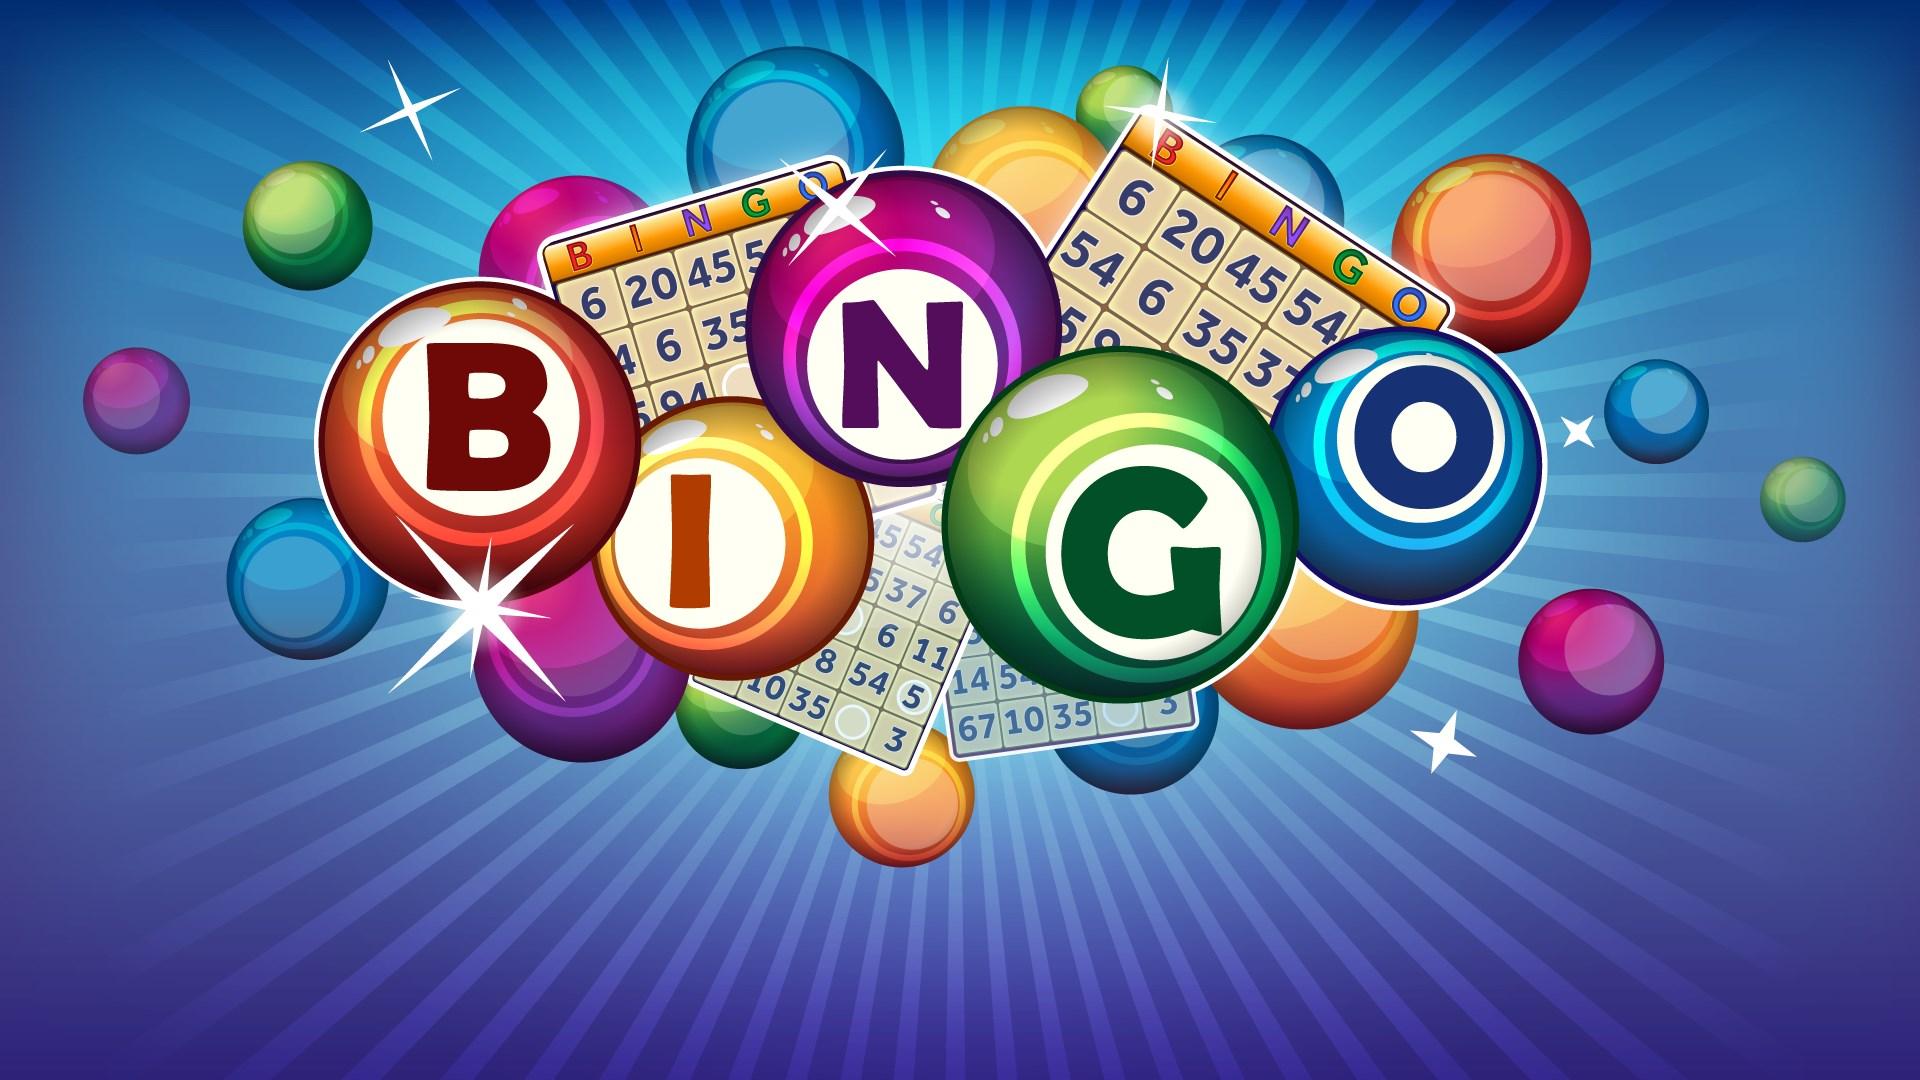 Jogos de Cassino: Bingo